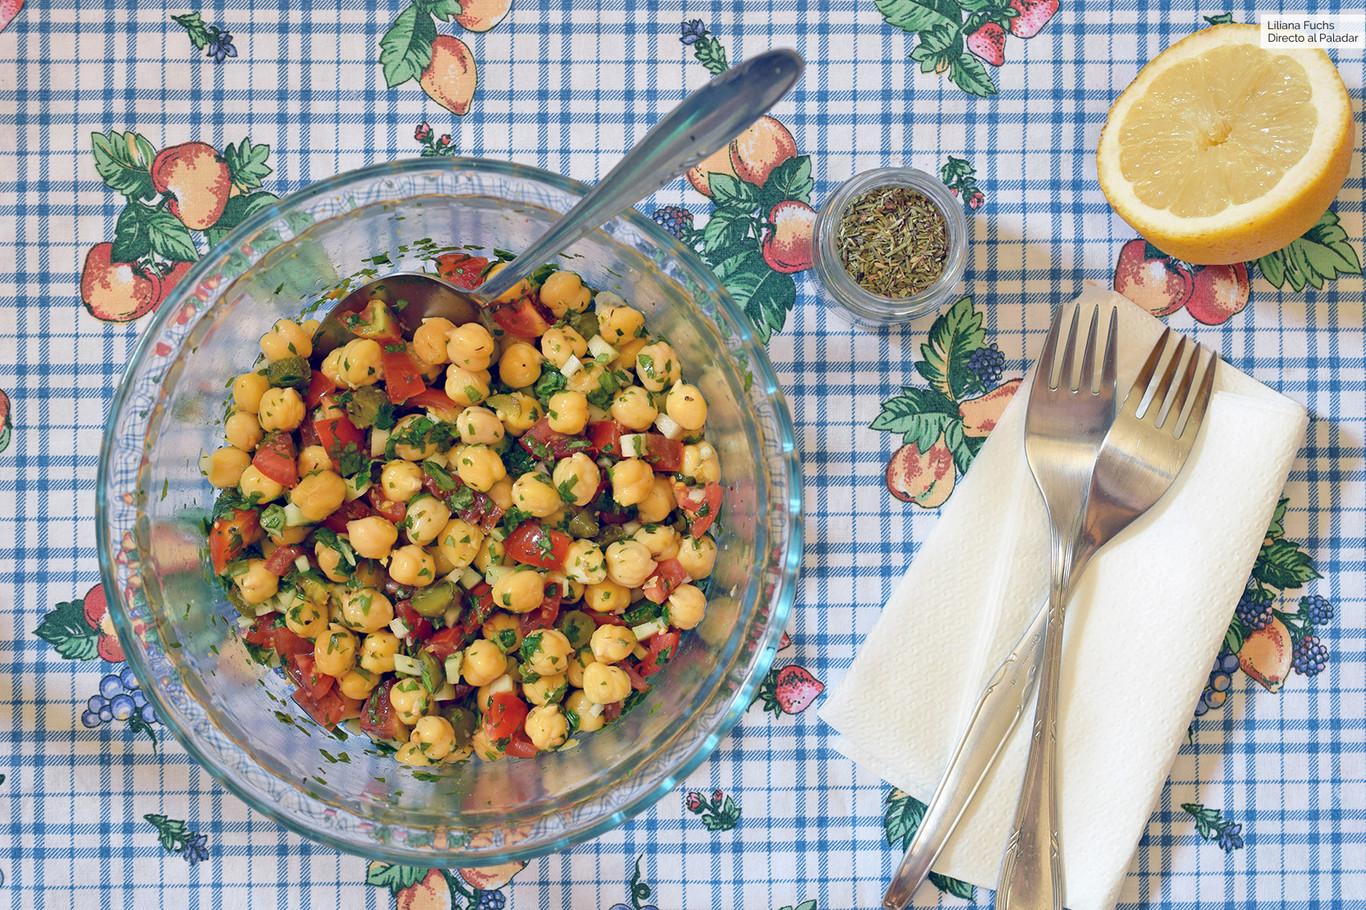 Ensalada De Garbanzos Tallo De Brócoli Y Cilantro Receta De Cocina Fácil Y Delic